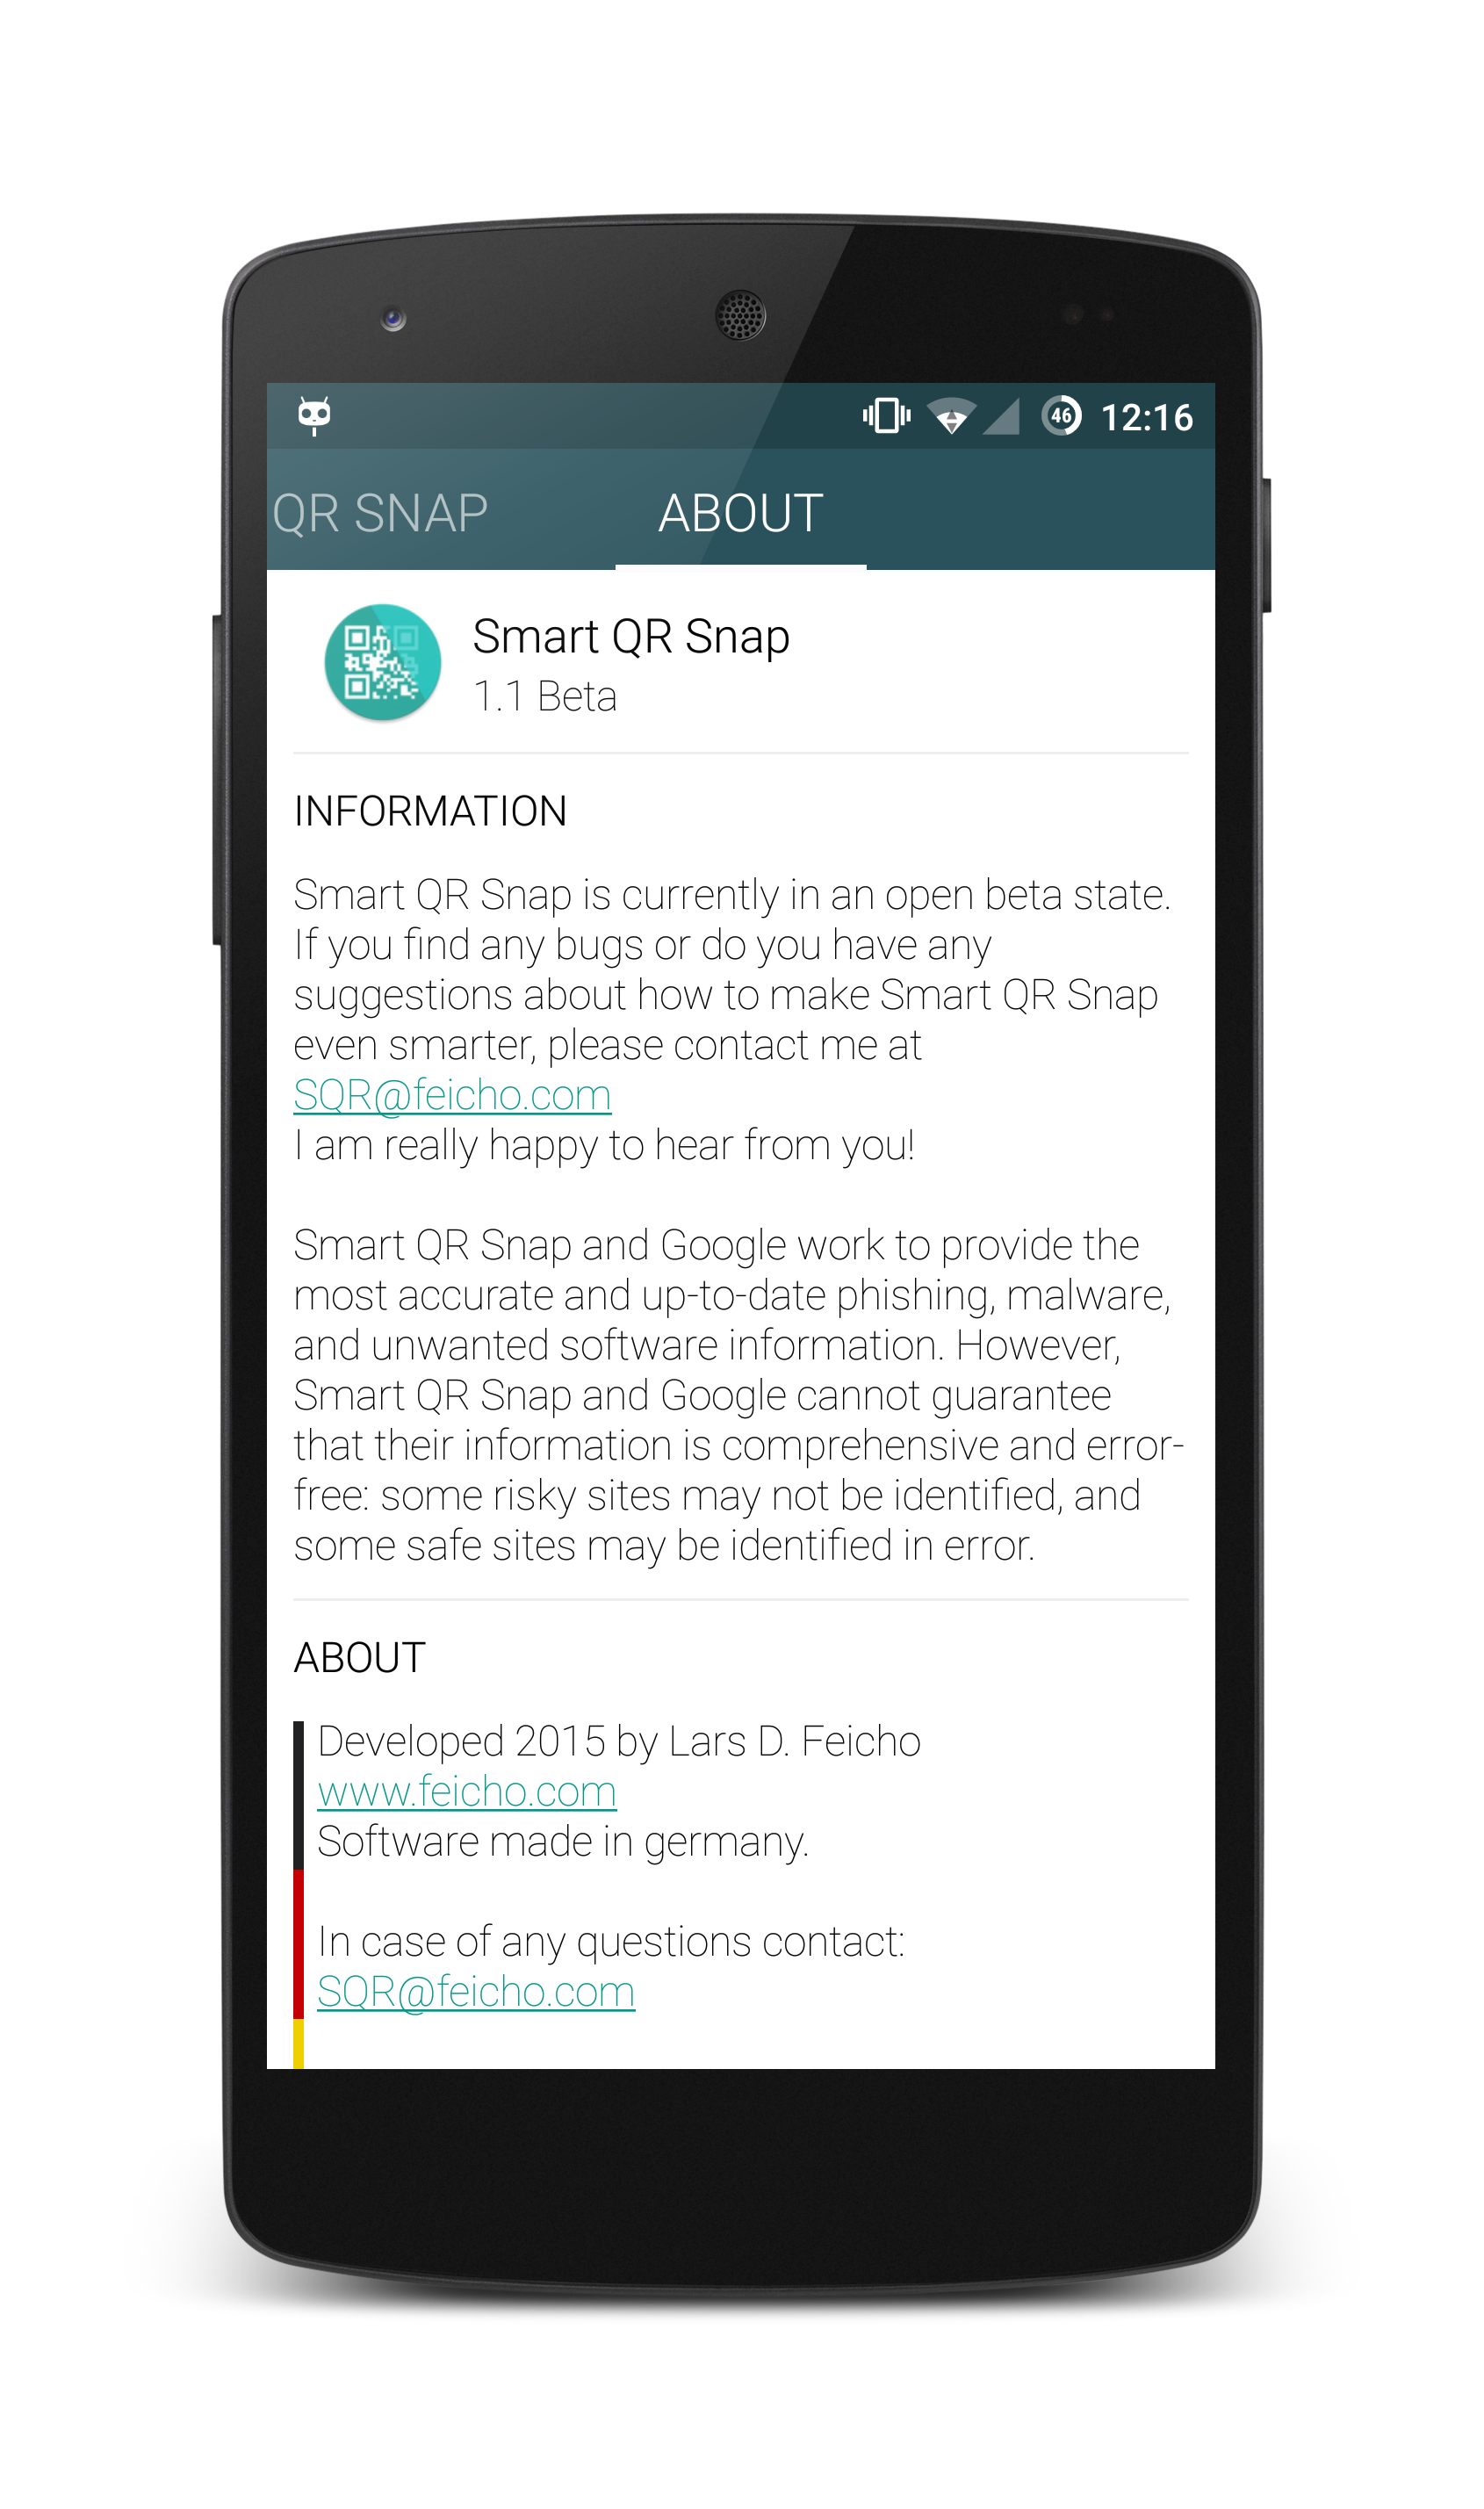 Smart QR Snap